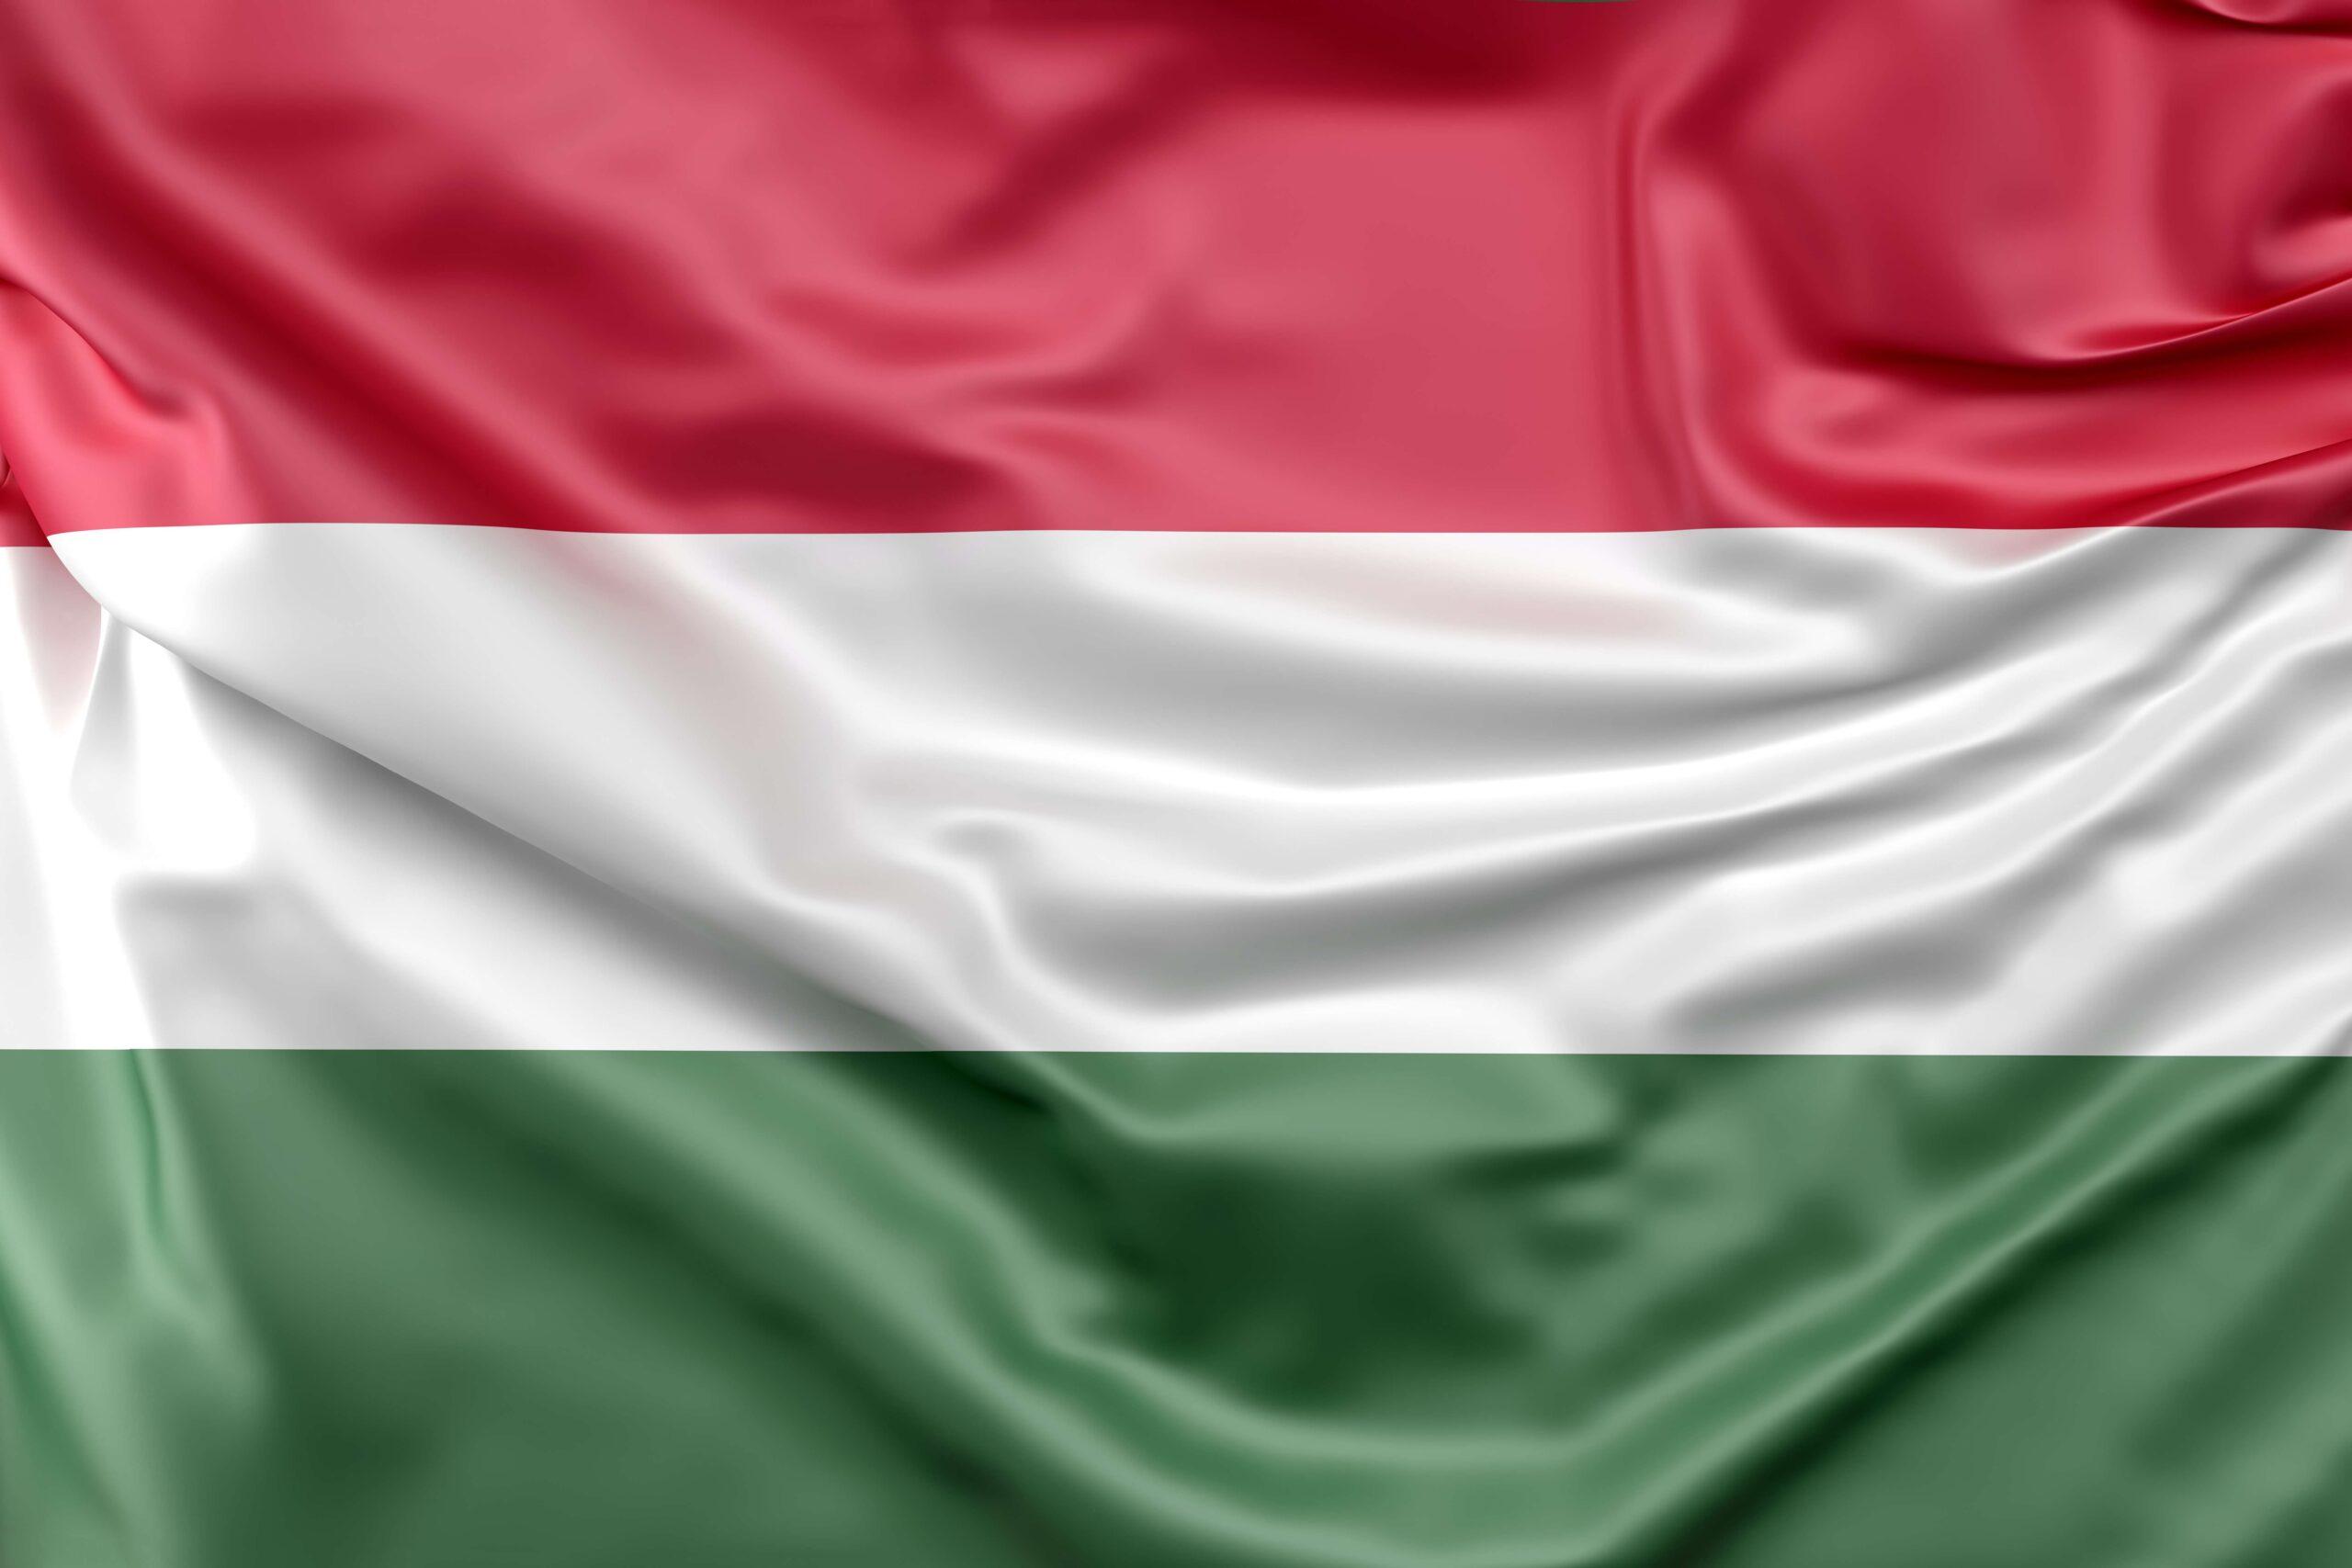 flag-hungary-1